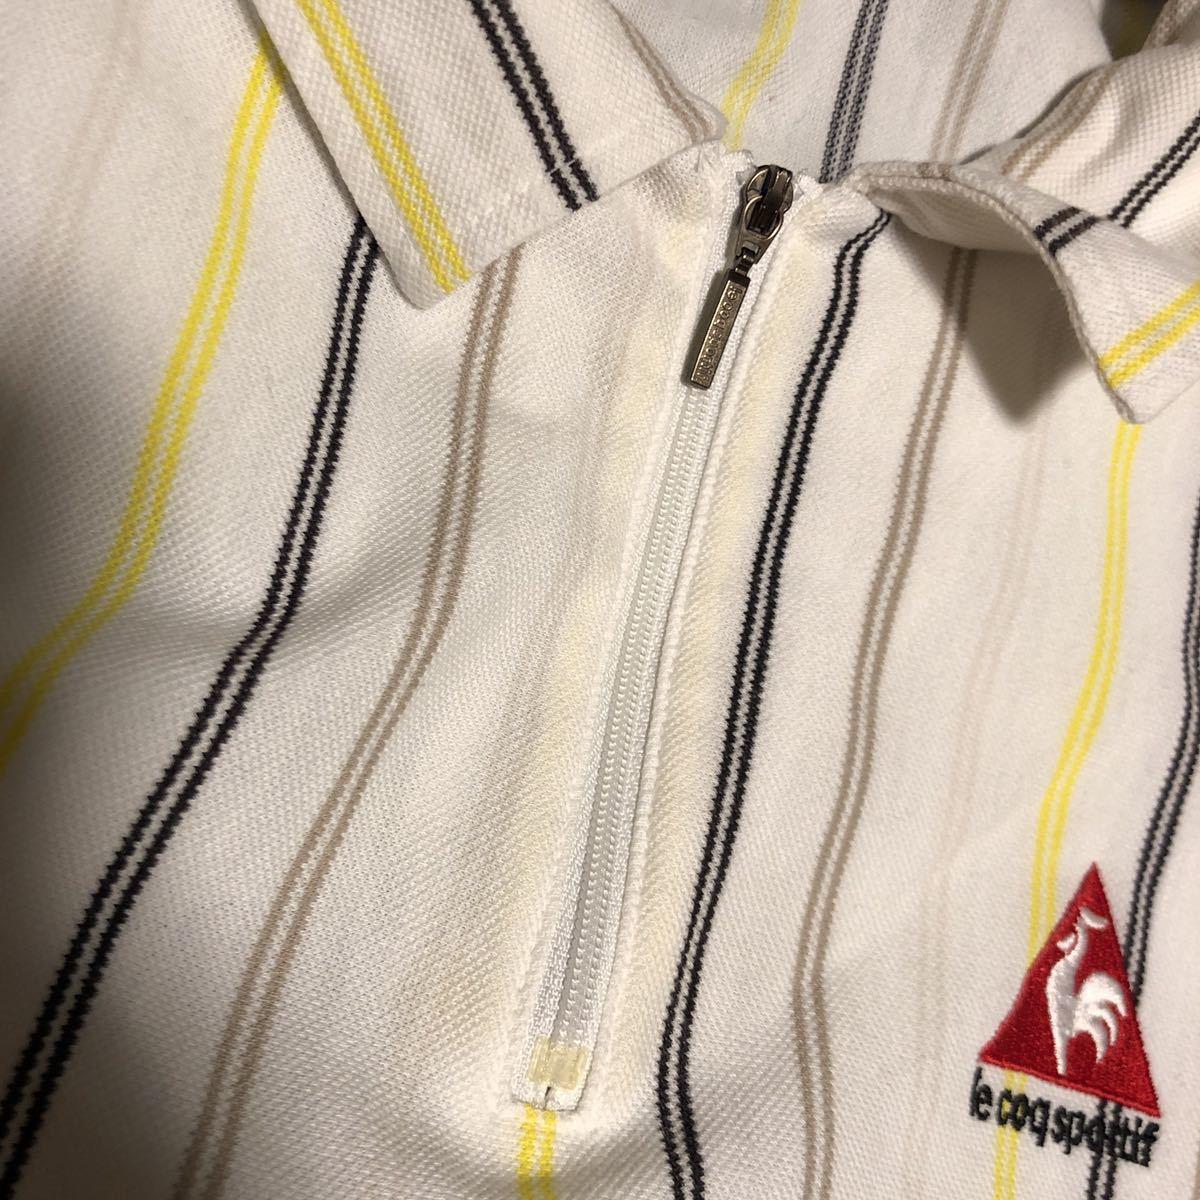 le coq sportif GOLF ルコック スポルティフ ゴルフ ハーフジップ ロゴ 半袖 ポロシャツ ストライプ メンズ SIZE L_画像6